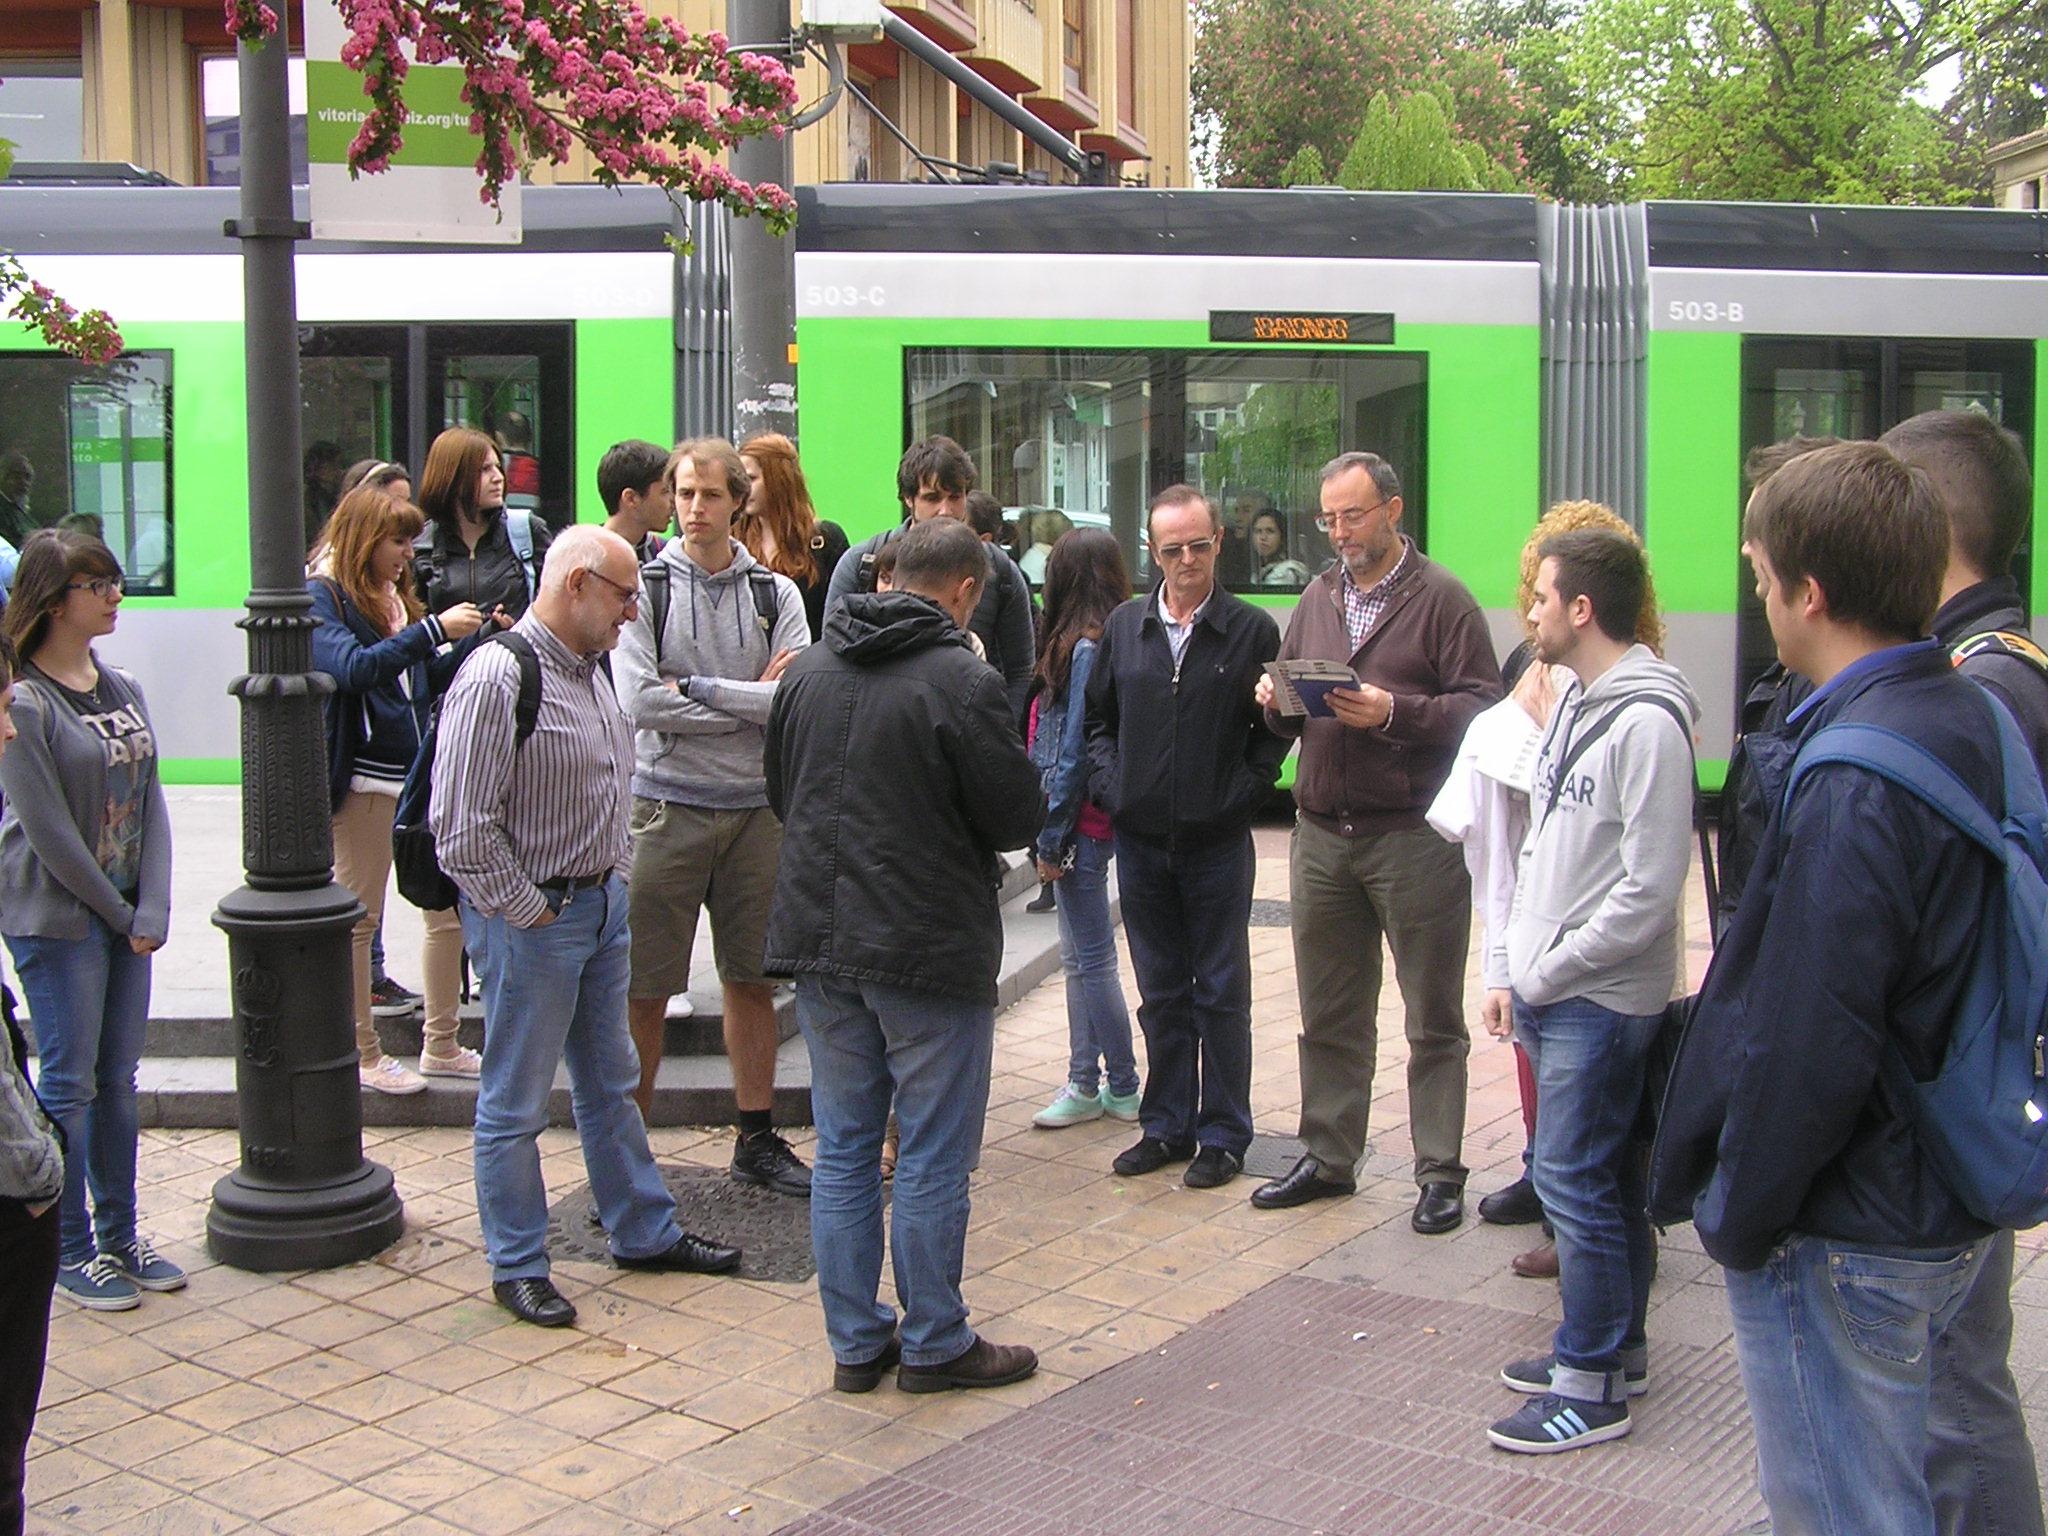 Visita a Vitoria-Gasteiz, European Green Capital 2012